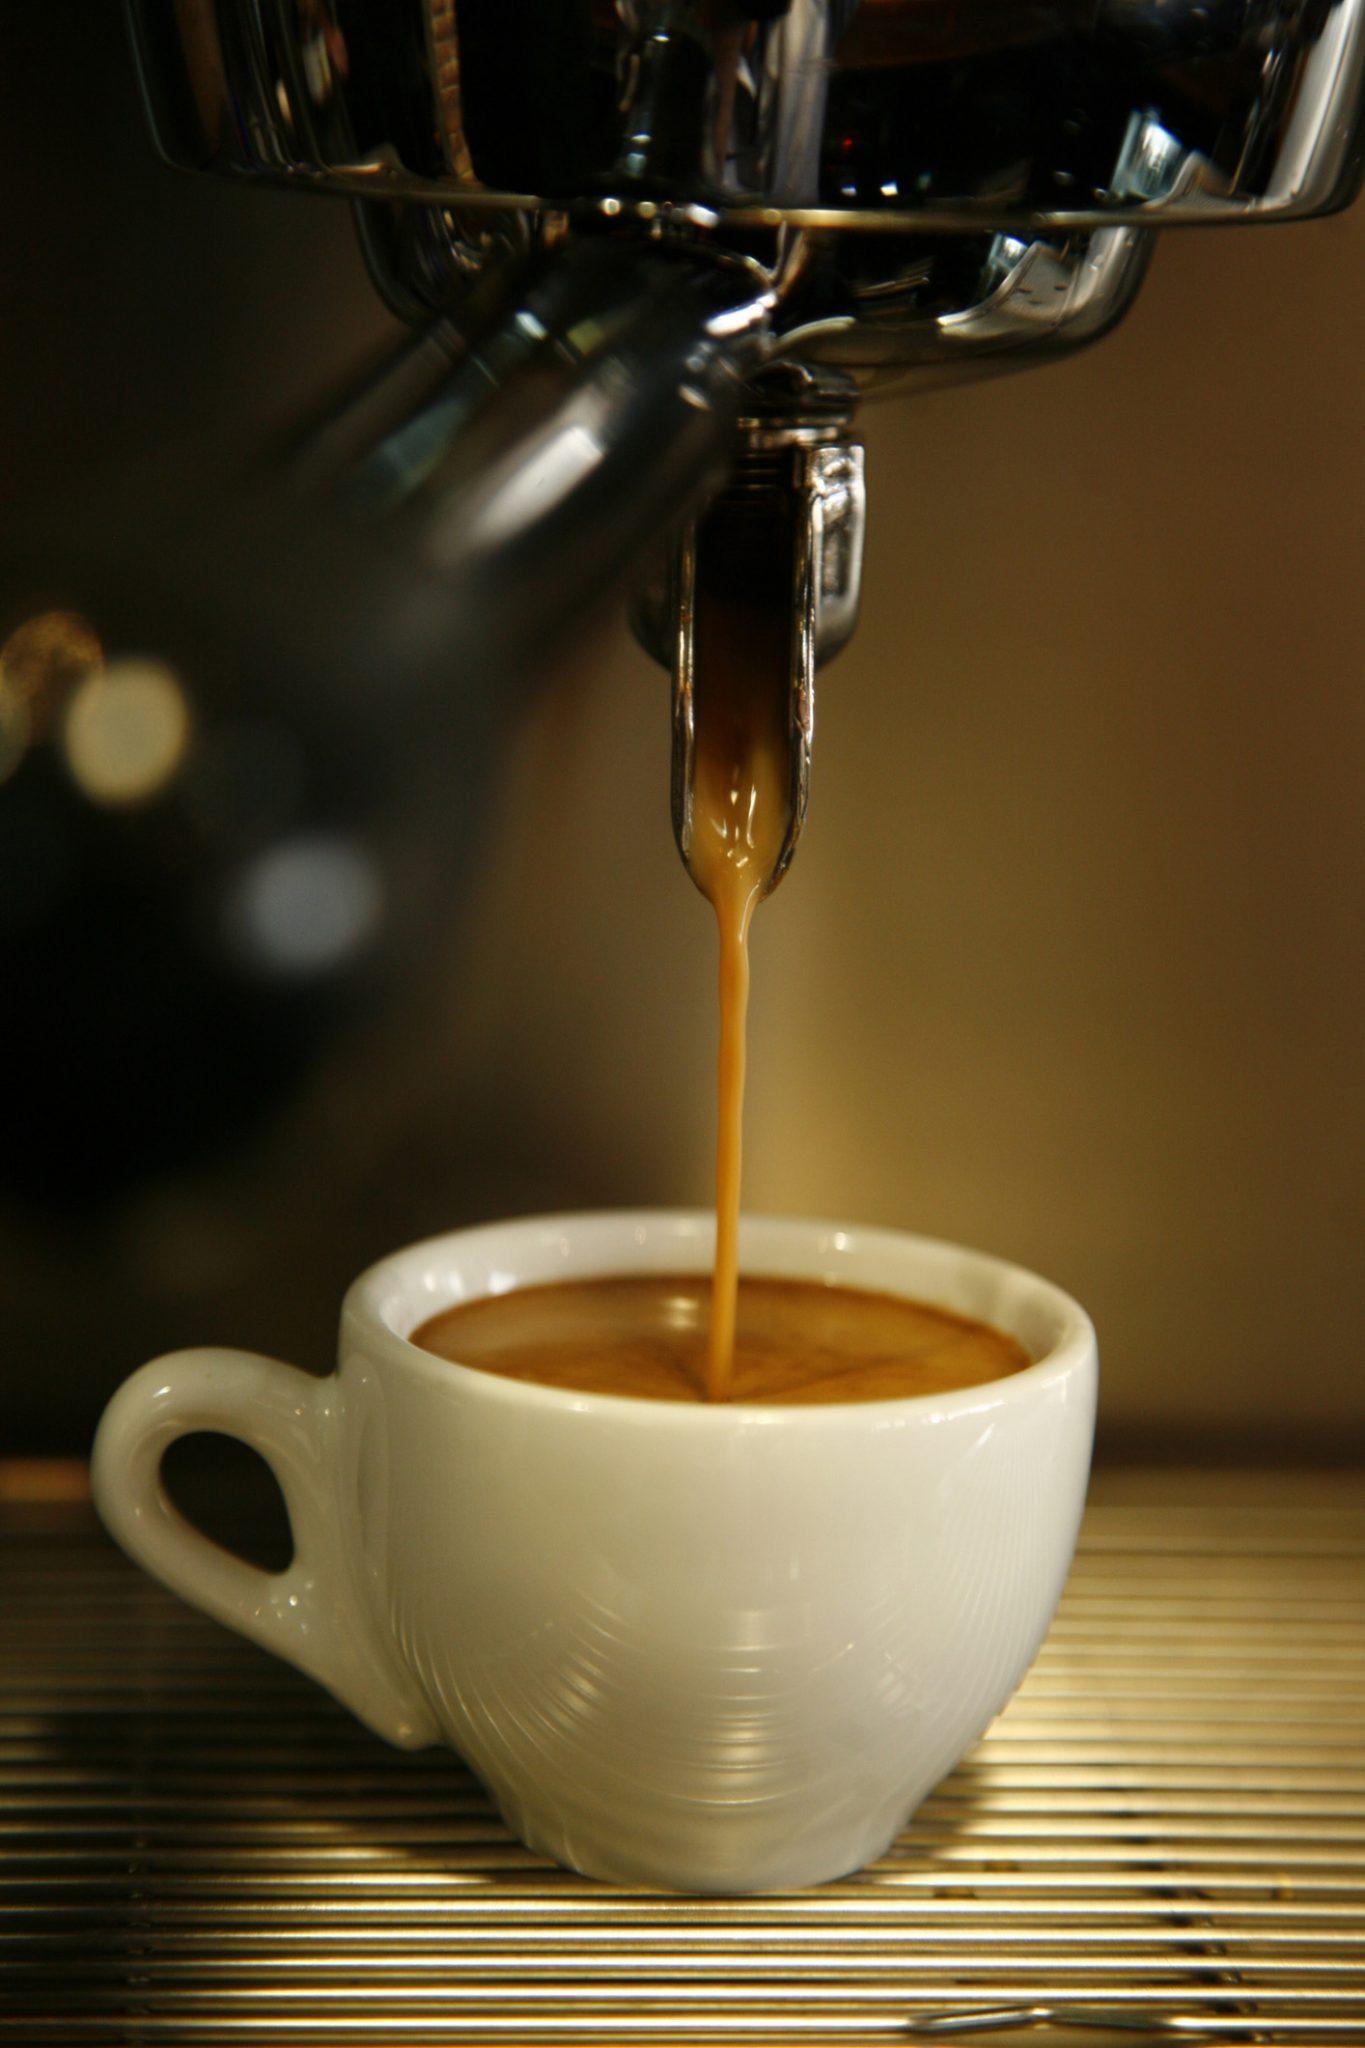 בר קפה נייד של קייטרינג שדות